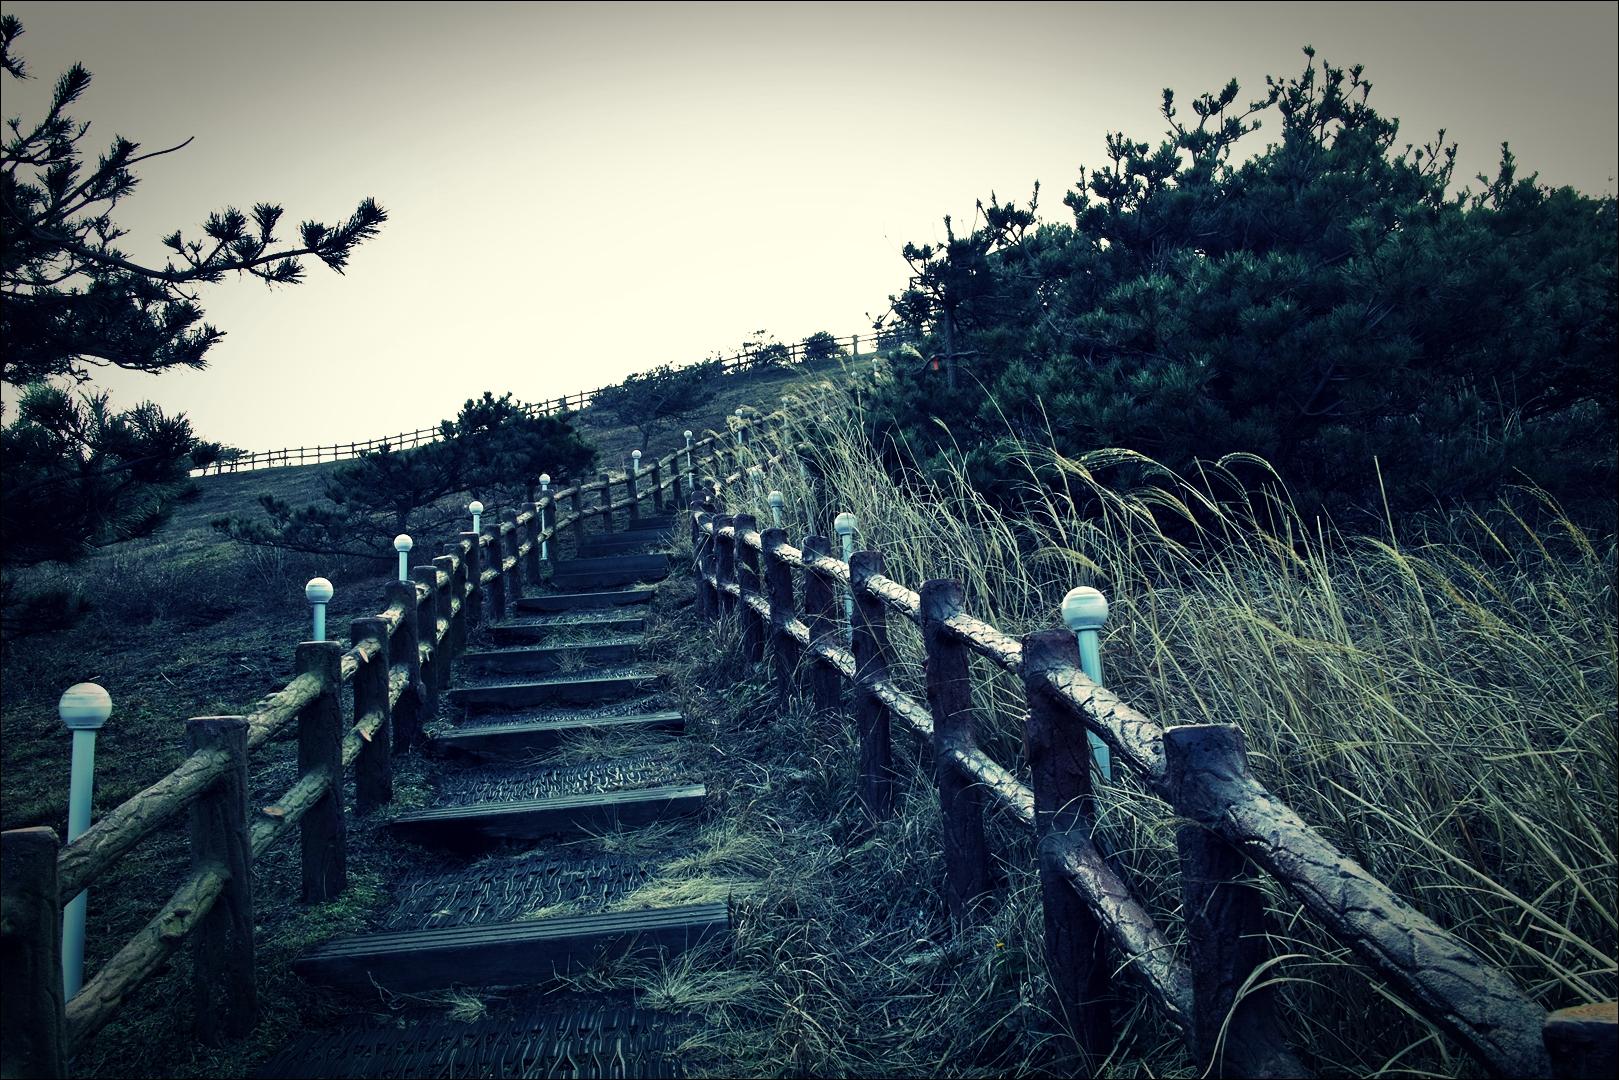 계단-'우도봉'